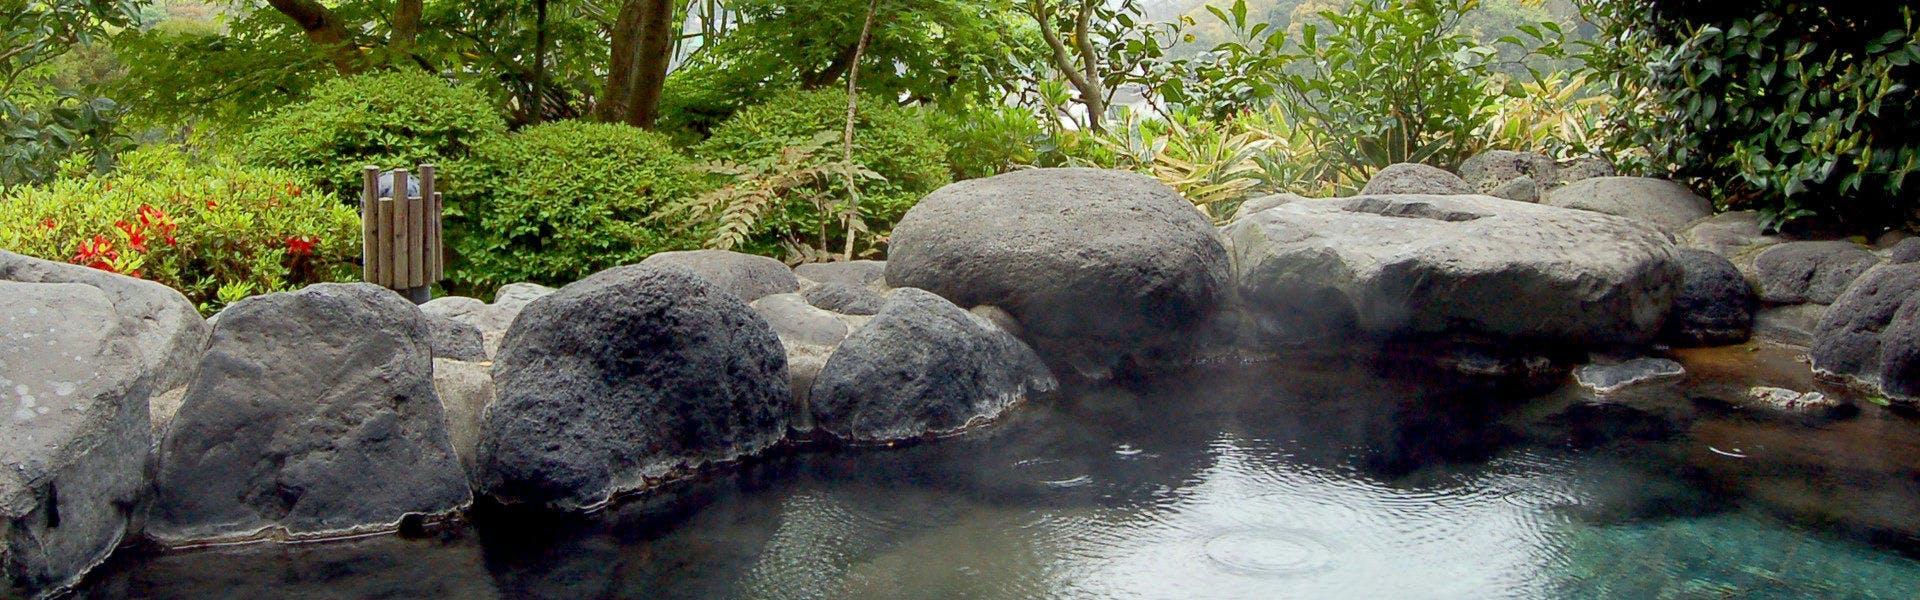 記念日におすすめのホテル・湯河原温泉 美食の宿 おやど瑞月の写真3